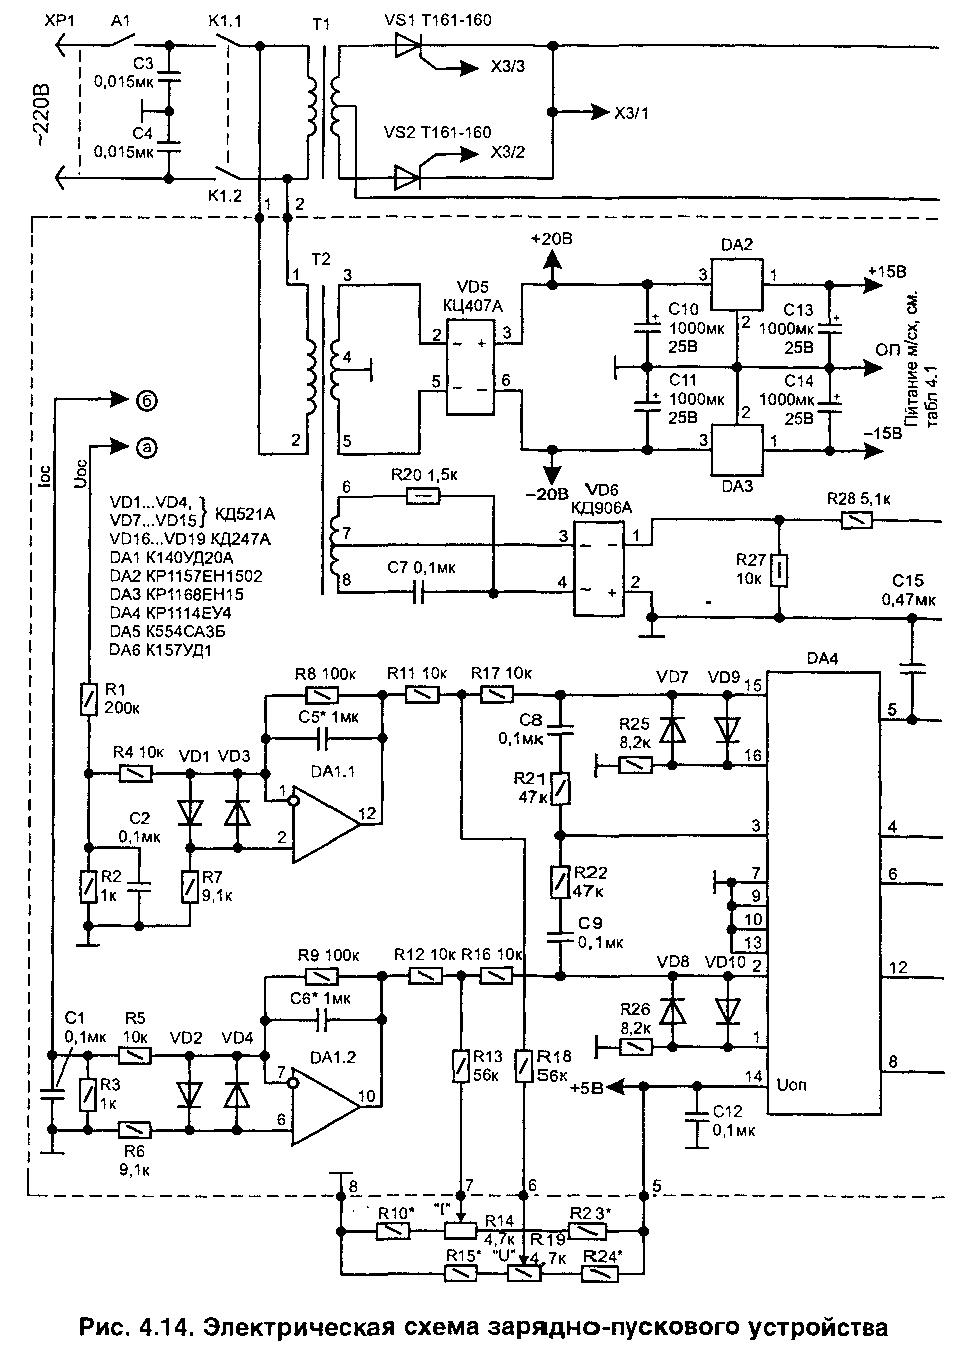 Автоматическое зарядно-пусковое устройство для автомобильного аккумулятора